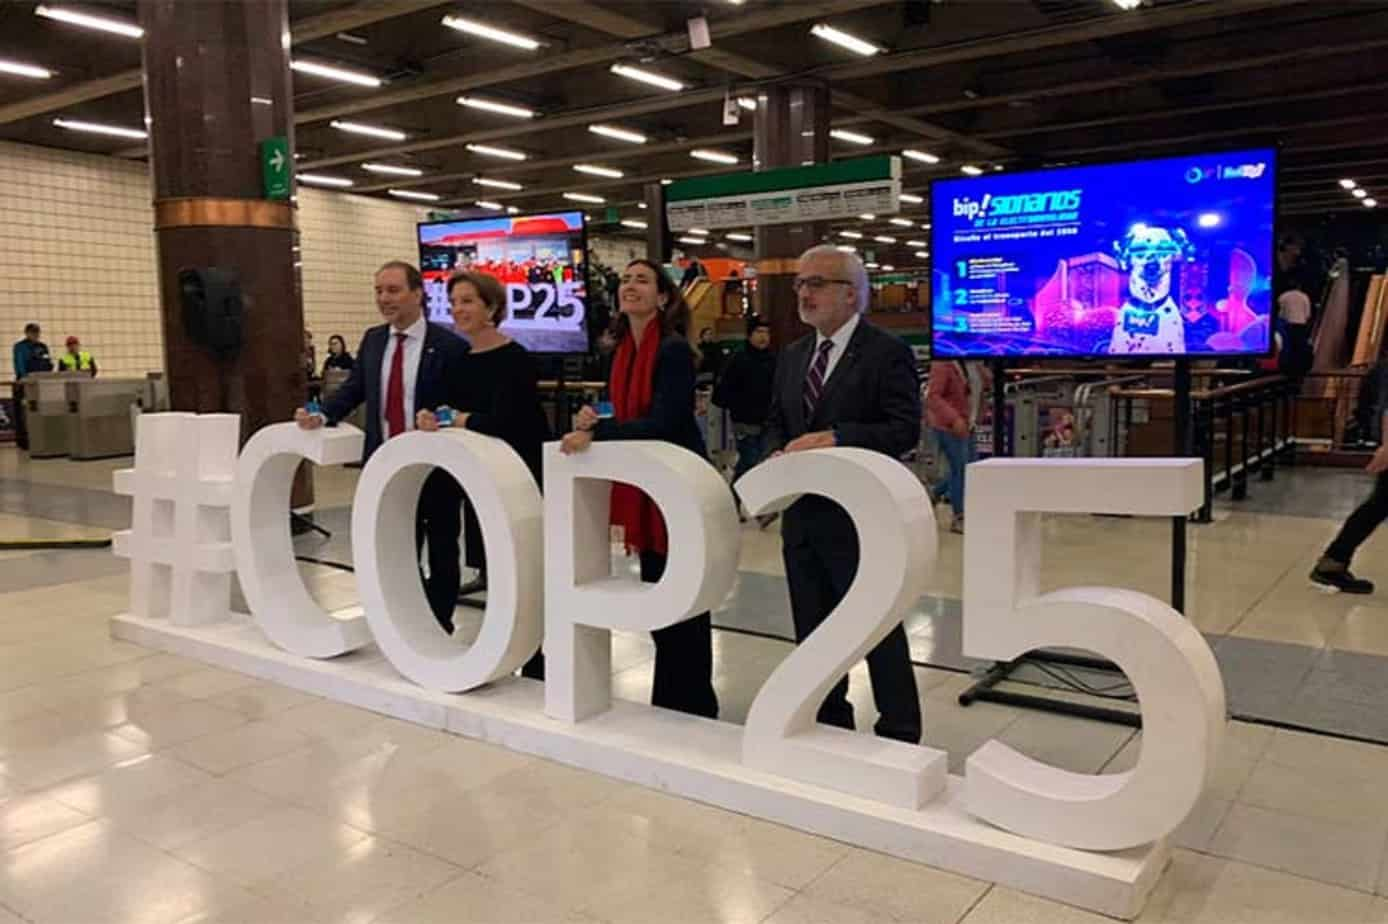 España salva la COP25 y se hará en la misma fecha en Madrid